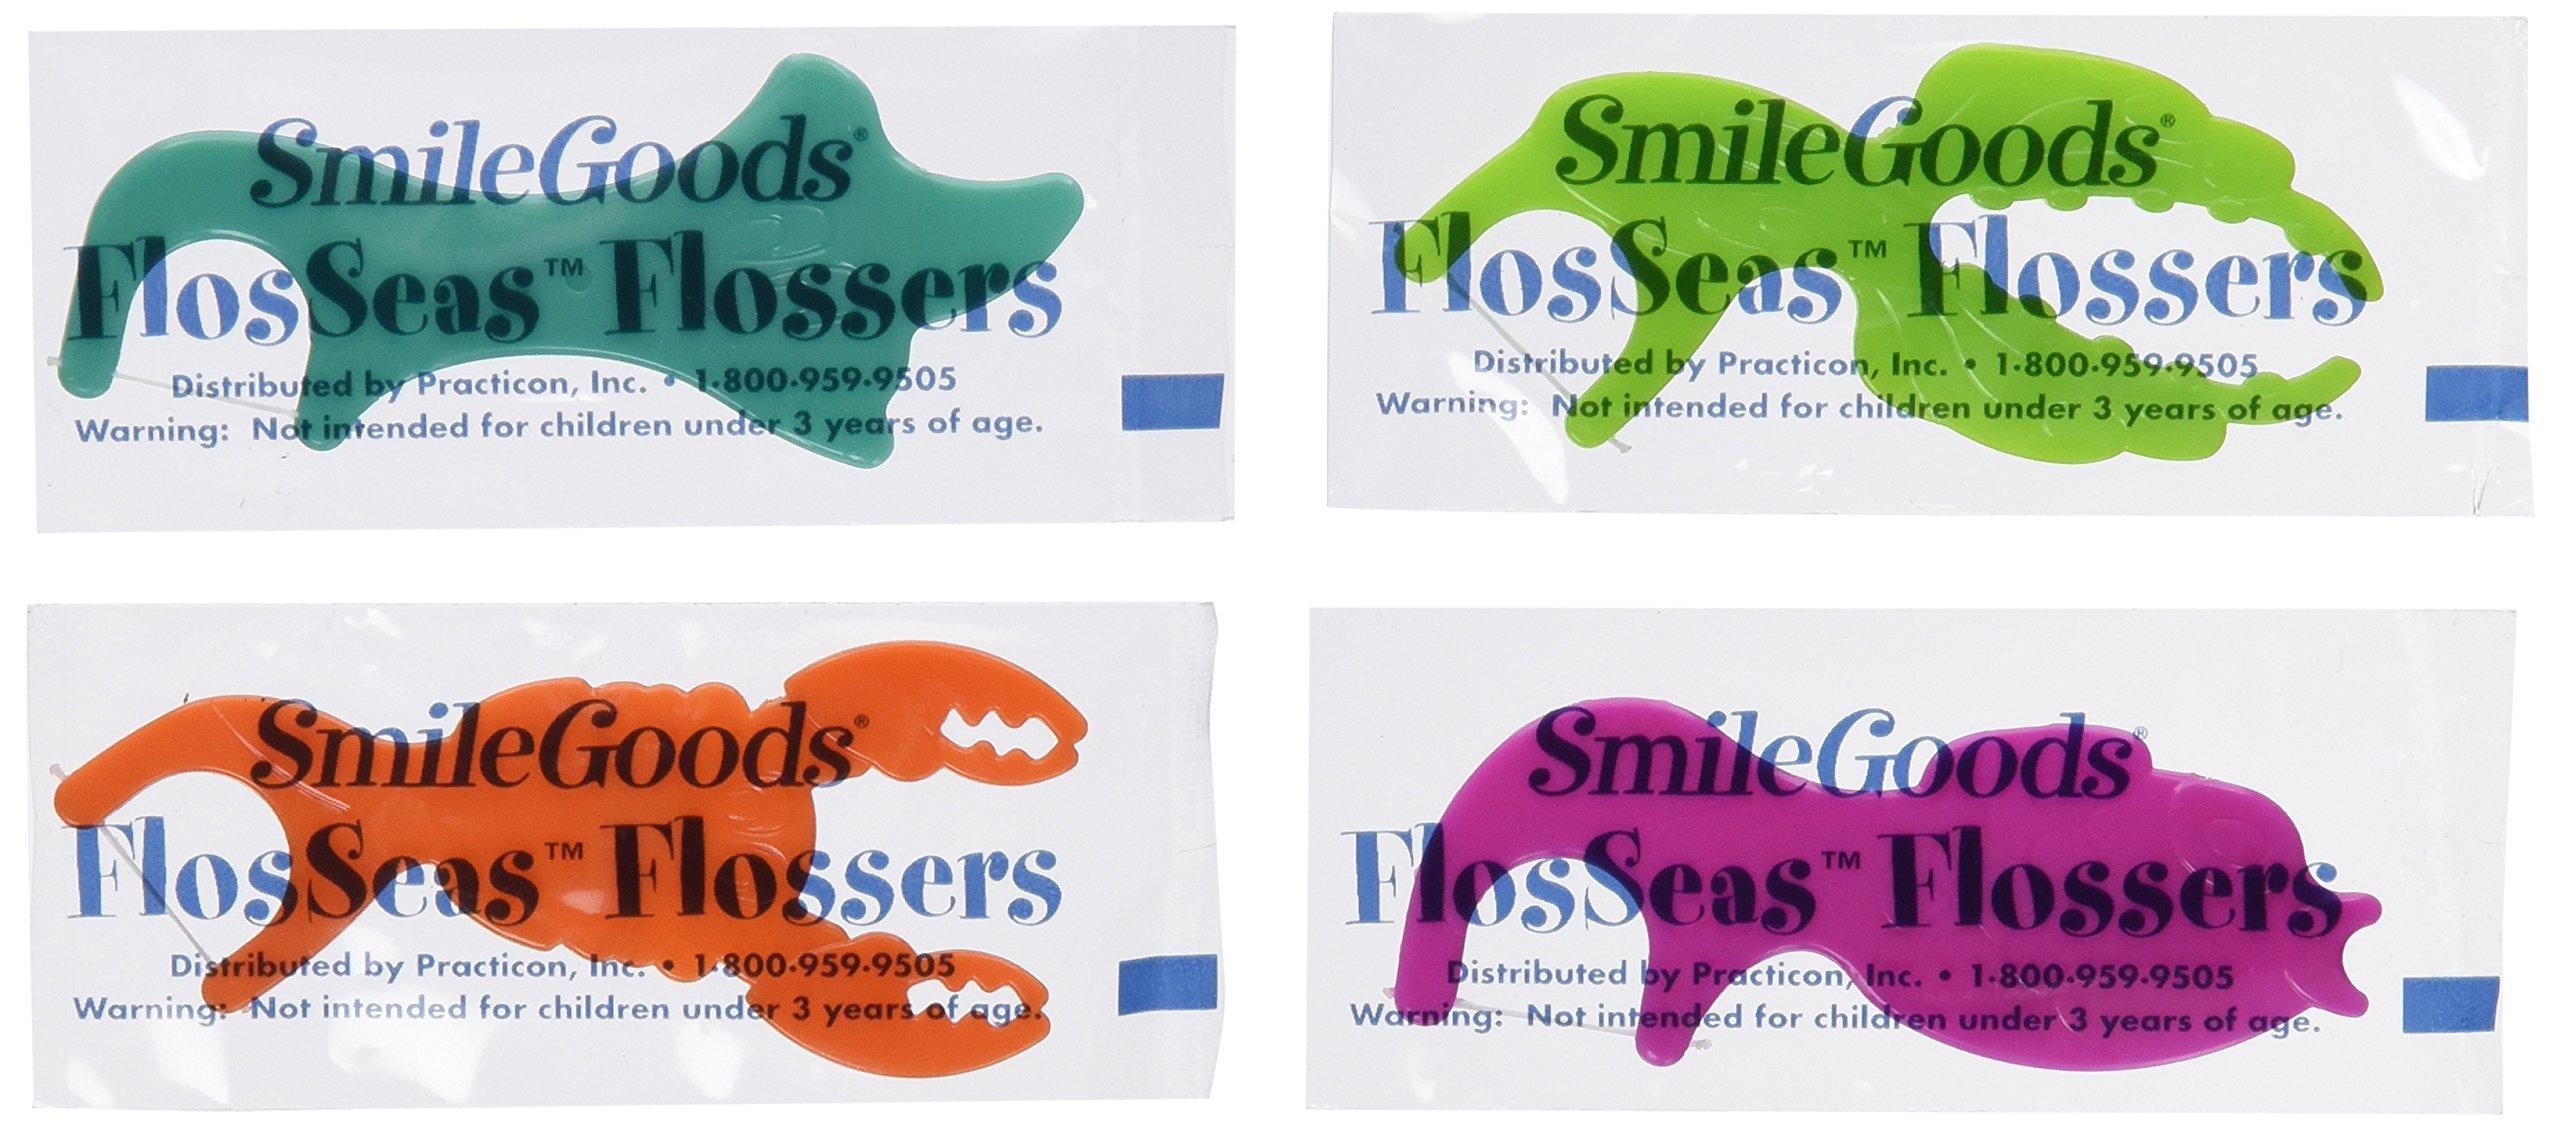 Practicon 7045281 SmileGoods FlosSeas Flossers, Singles (Pack of 200)